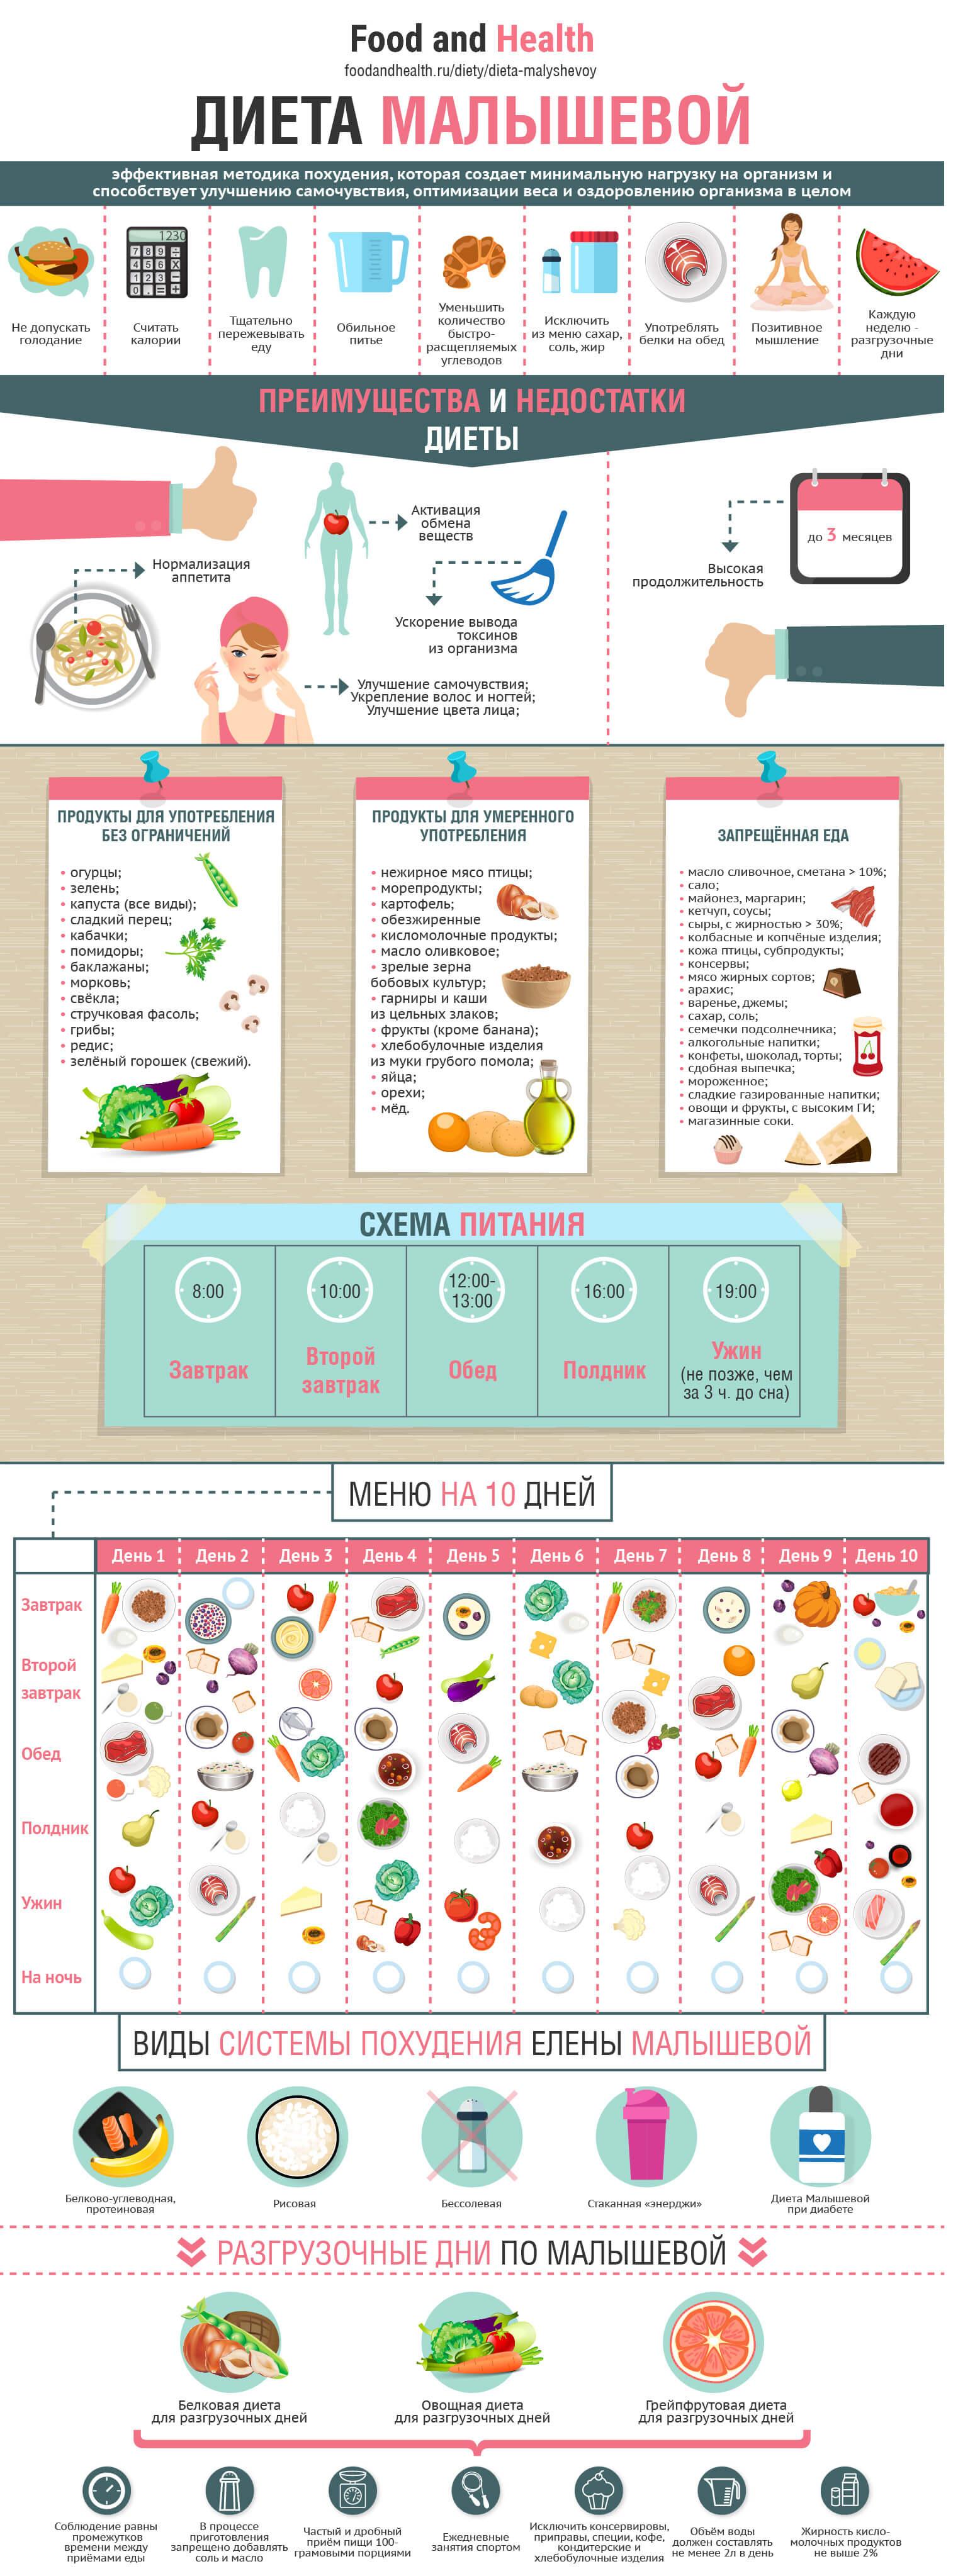 Диета Малышевой: инфографика